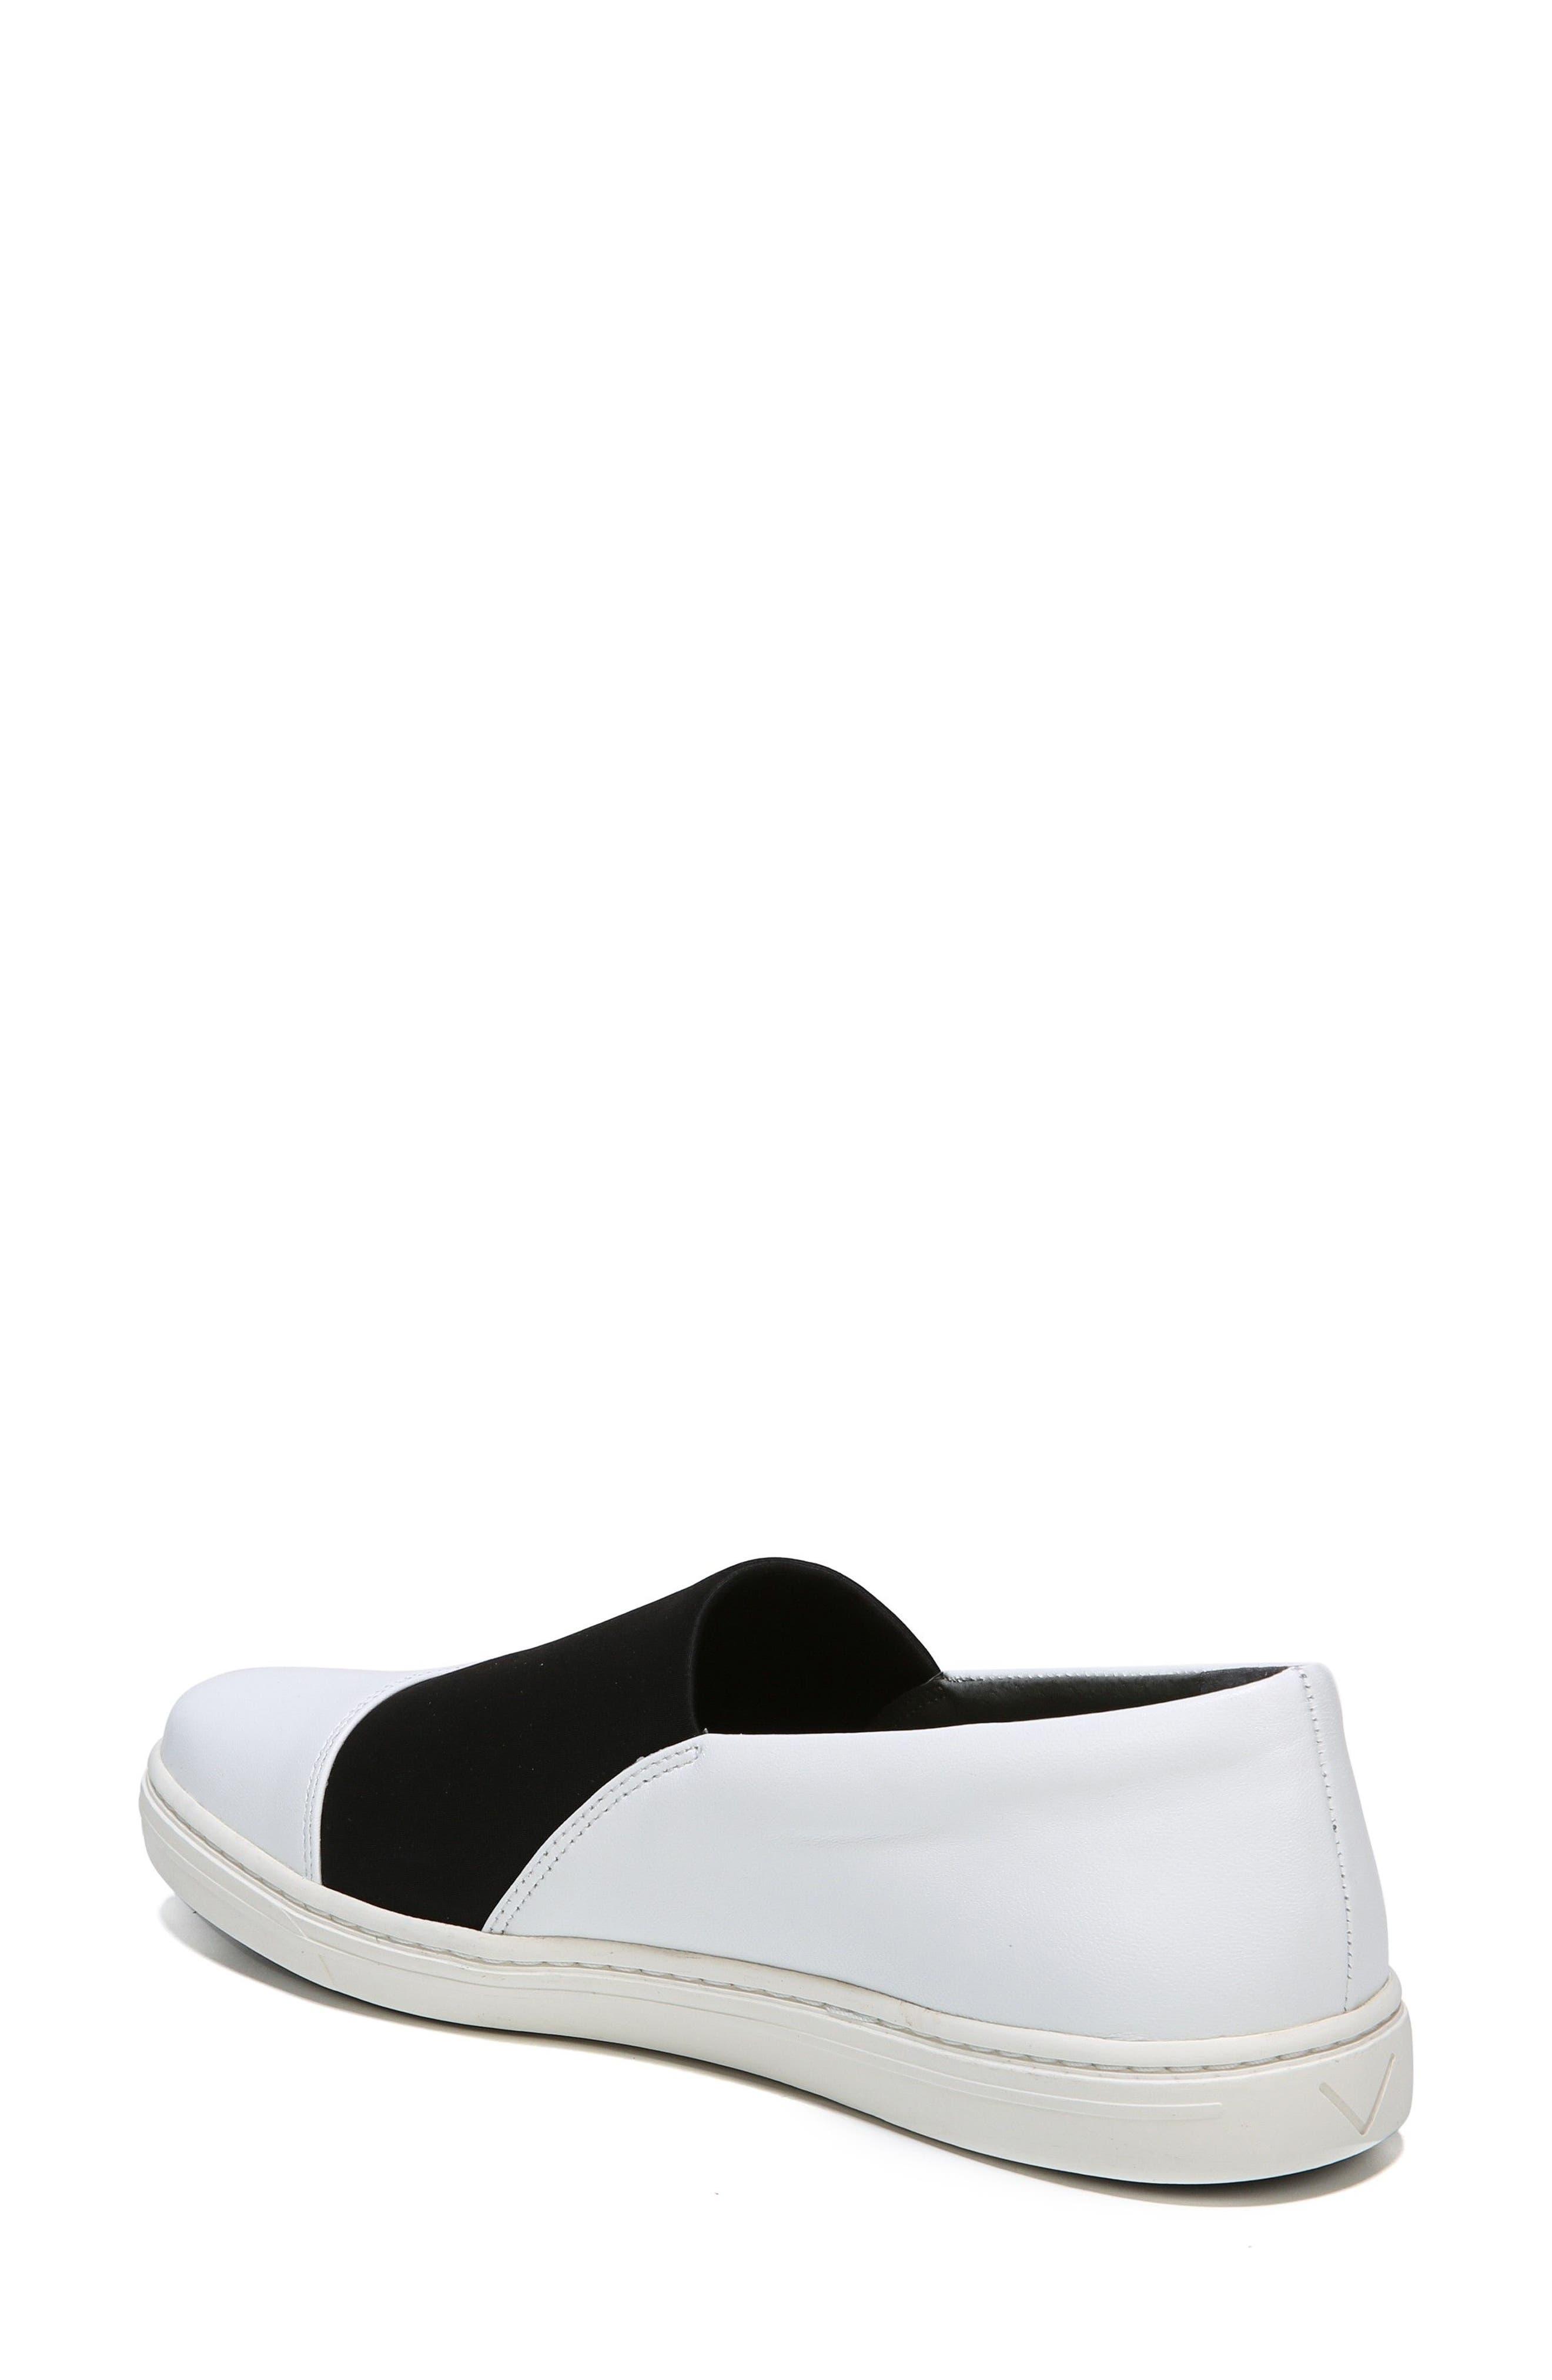 Raine Slip-On Sneaker,                             Alternate thumbnail 2, color,                             002